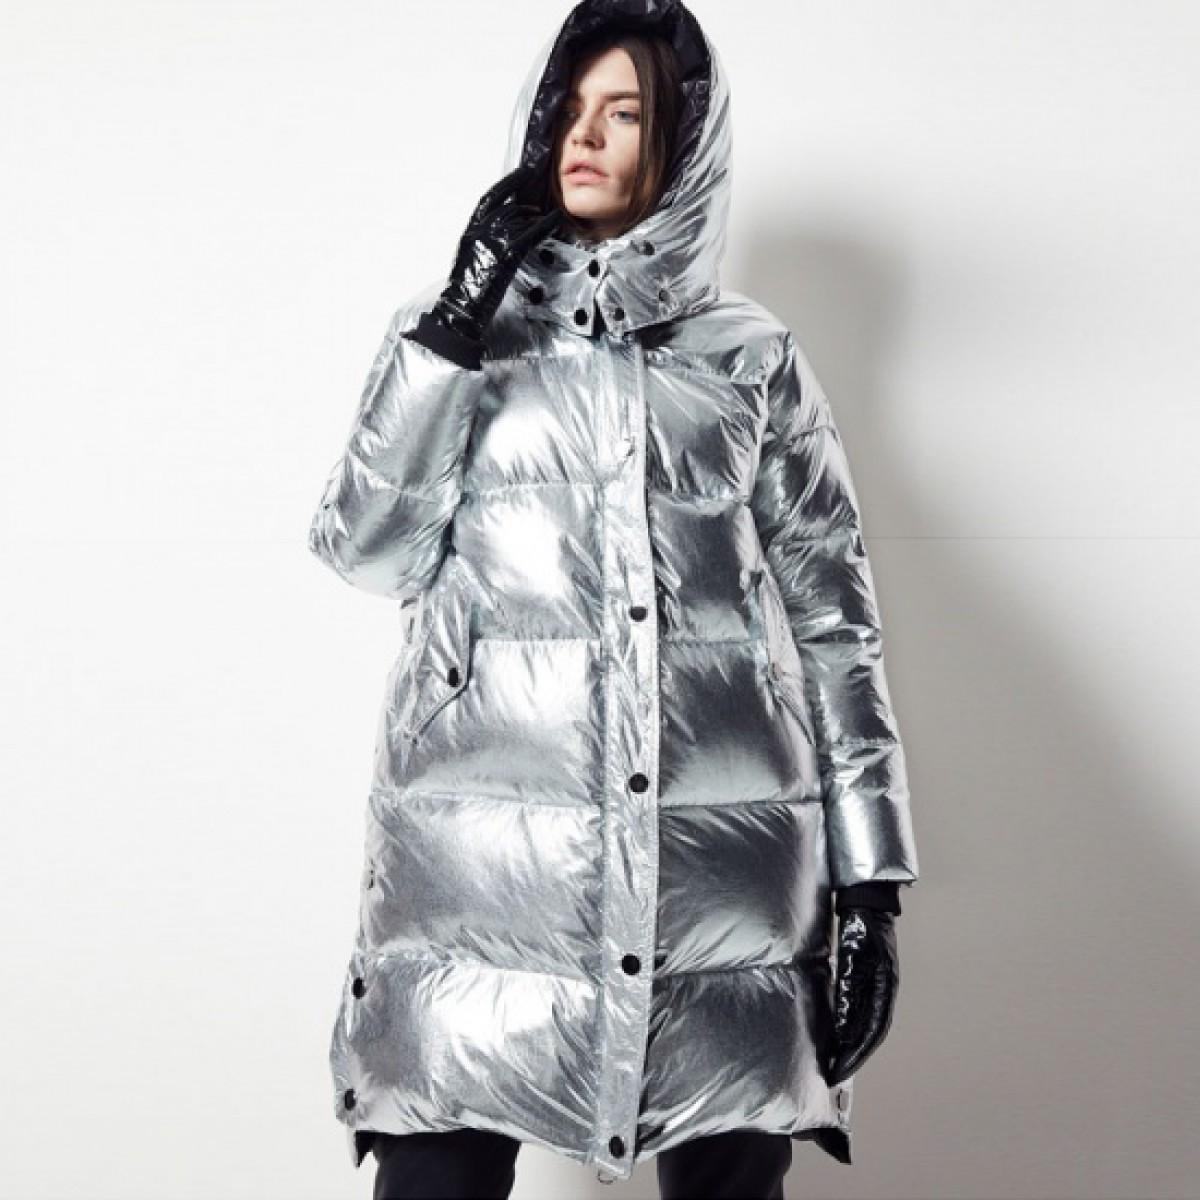 пуховик цвета металлик купить зимний женский блестящий серебристый с капюшоном худи FOLOVERA